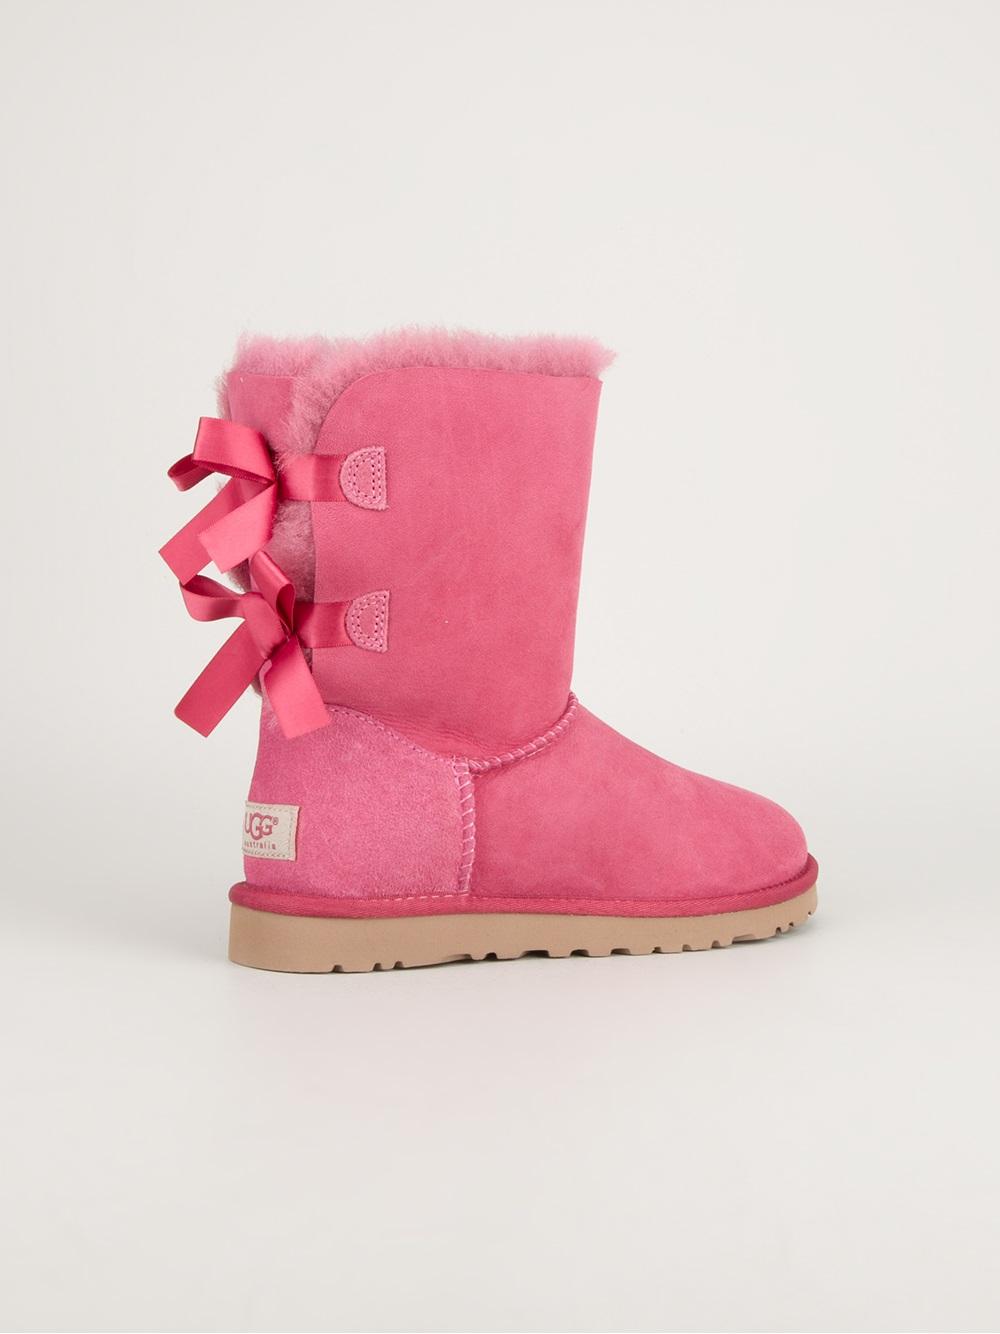 Austrailia nude in rubber boots heard Joselyn